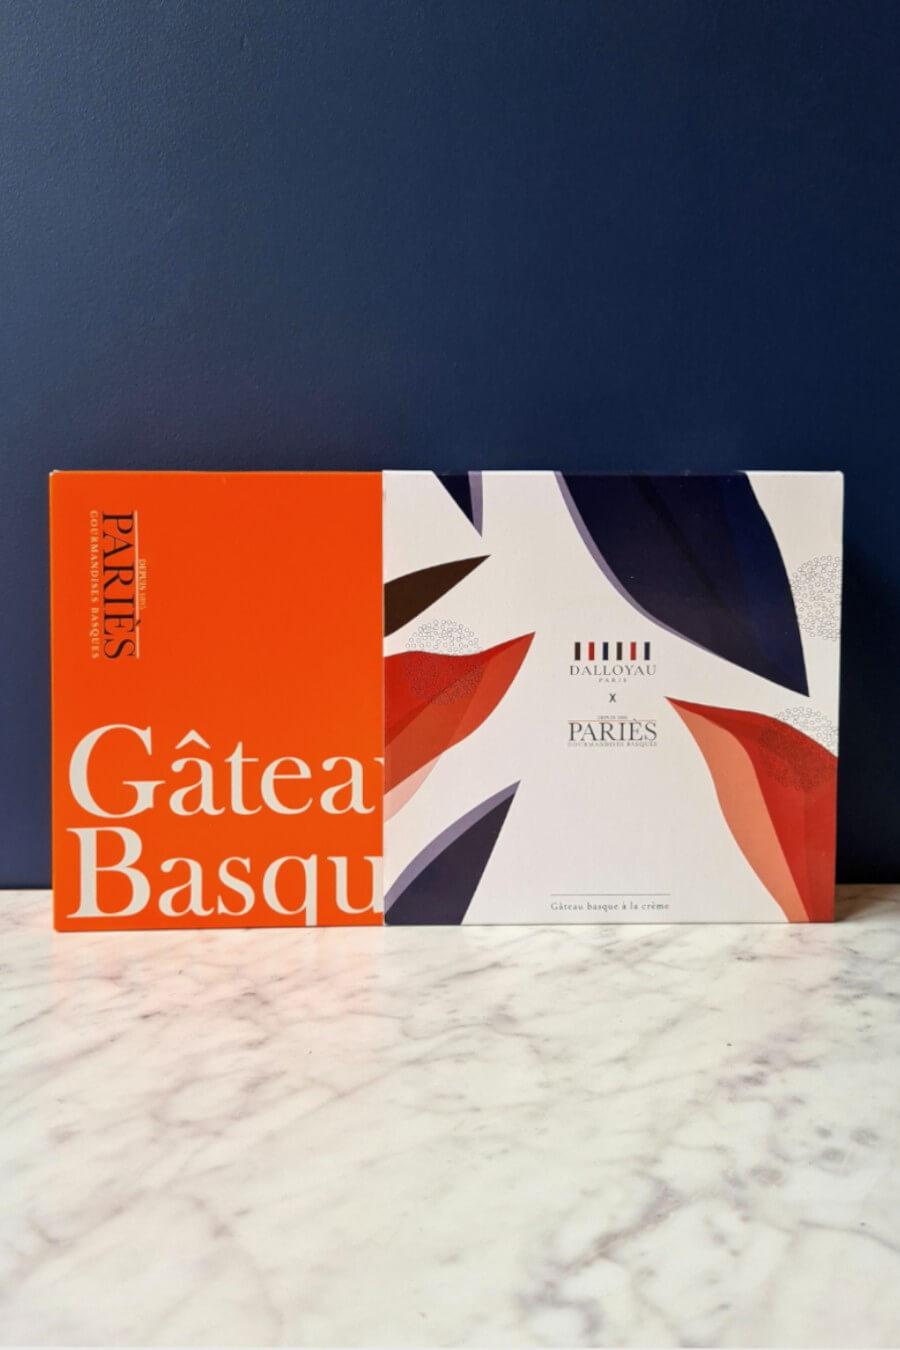 GÂTEAU BASQUE MAISON PARIèS